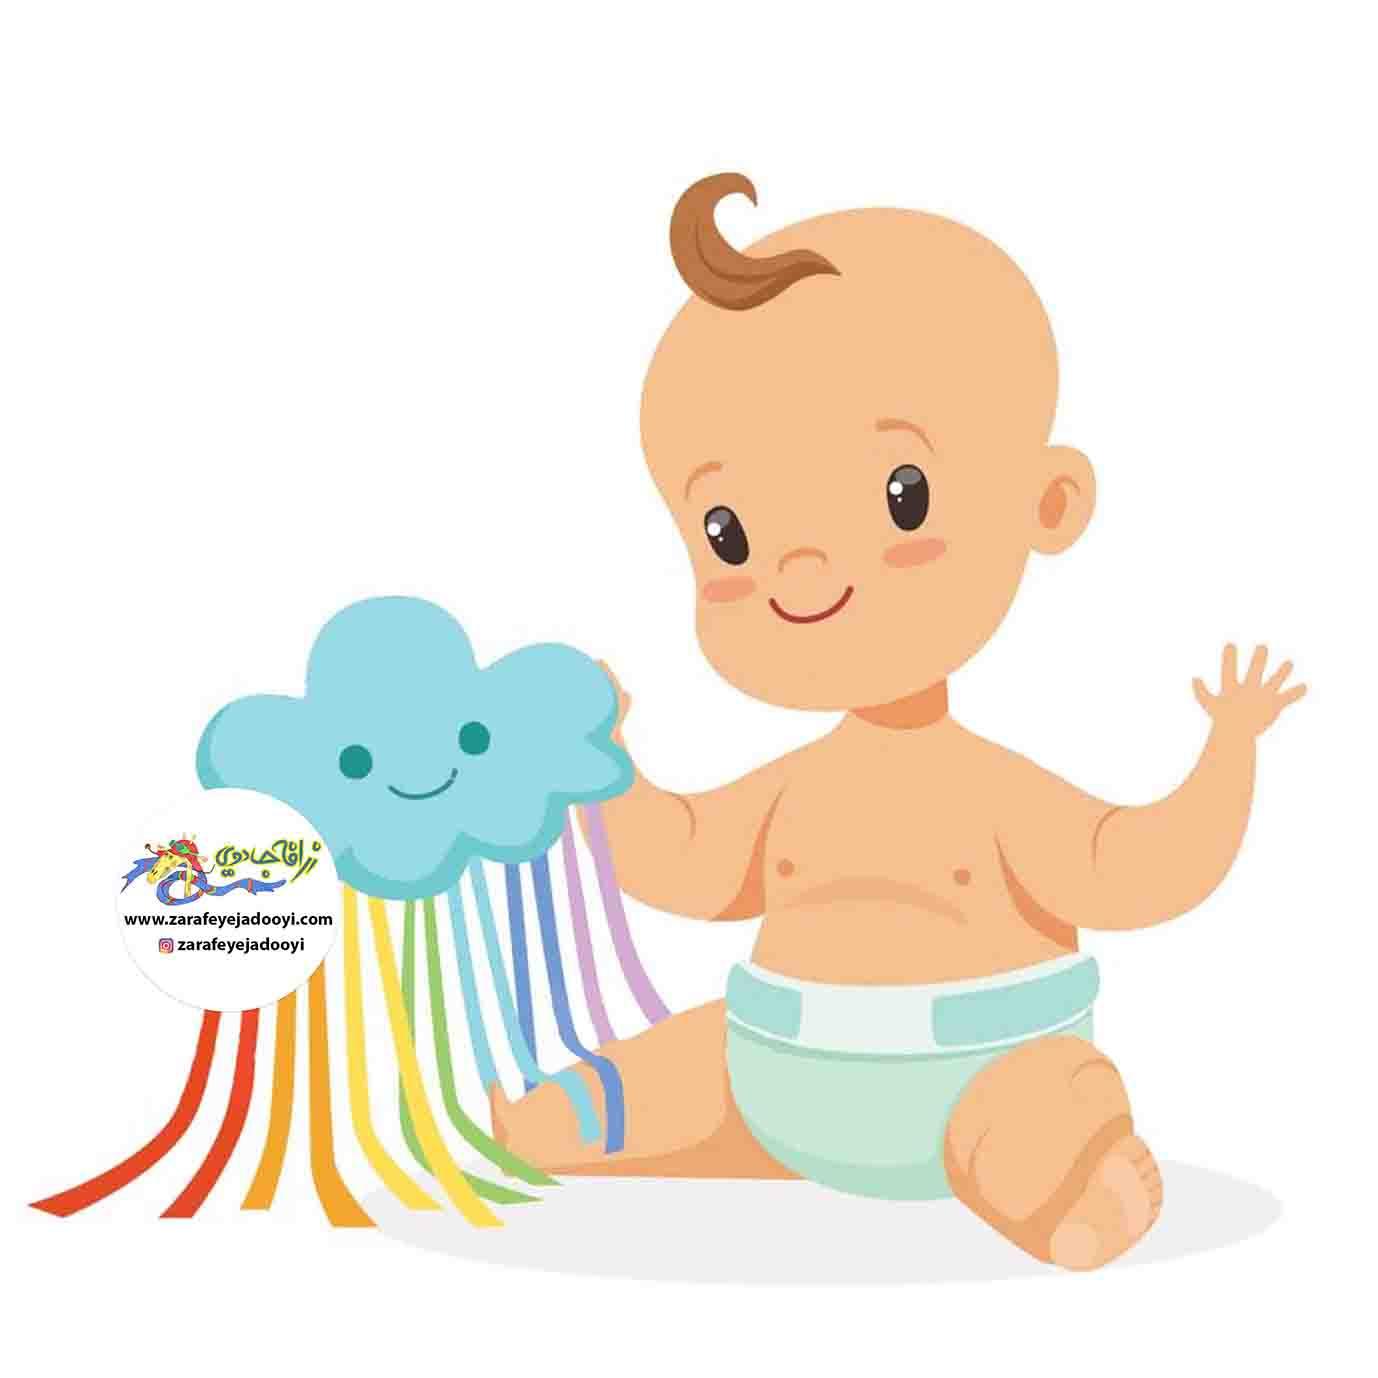 زرافه جادویی -چگونه کودک از پوشک خلاص می شود؟